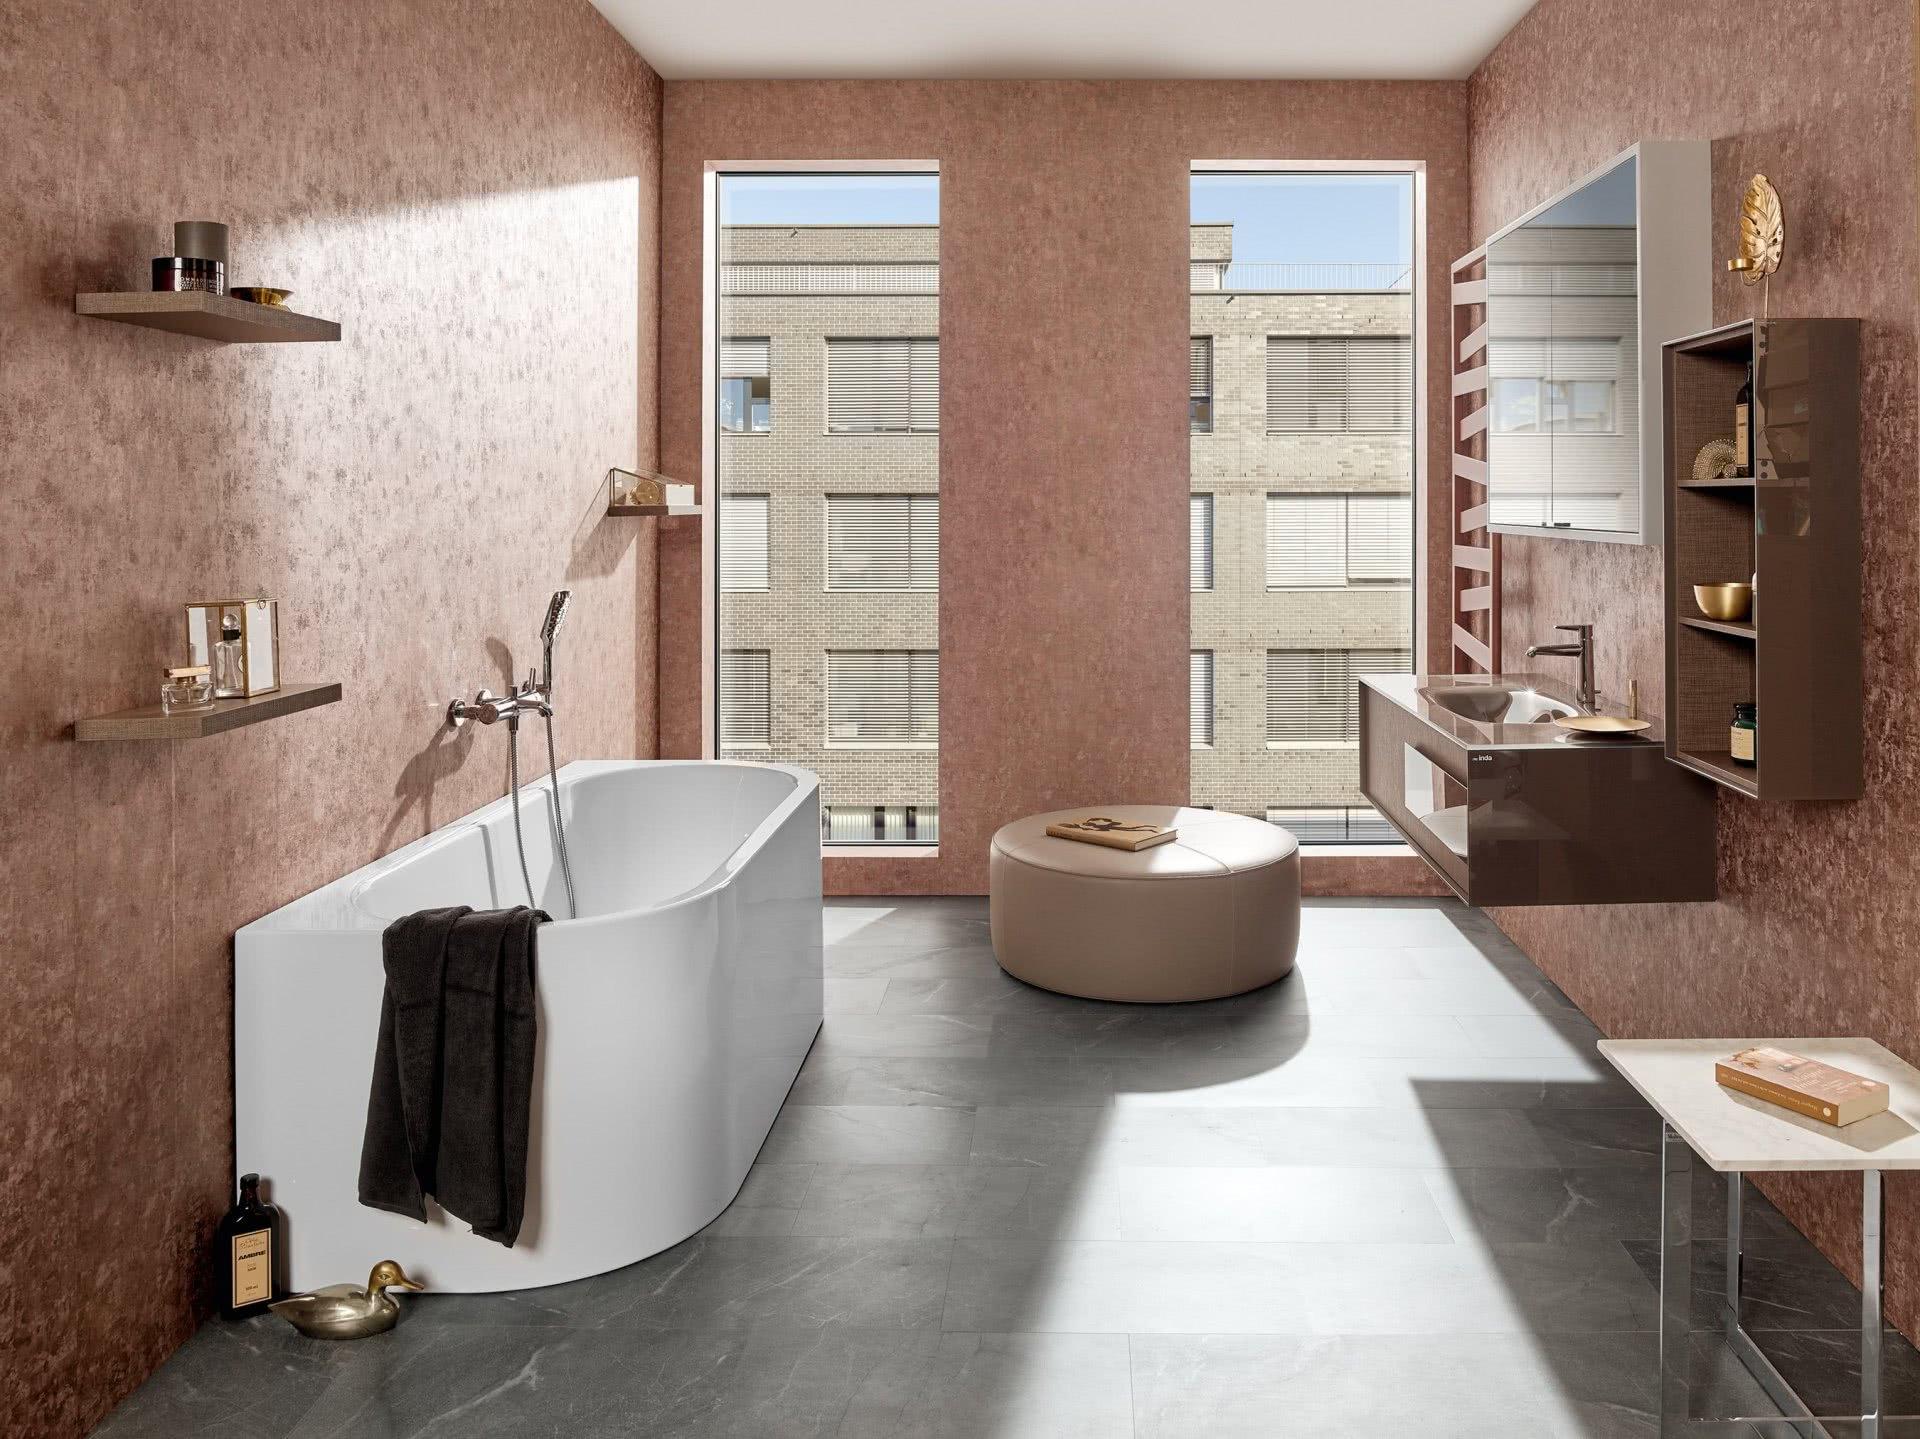 Badezimmer Badewelten Entspannende Wohnatmosphäre 01